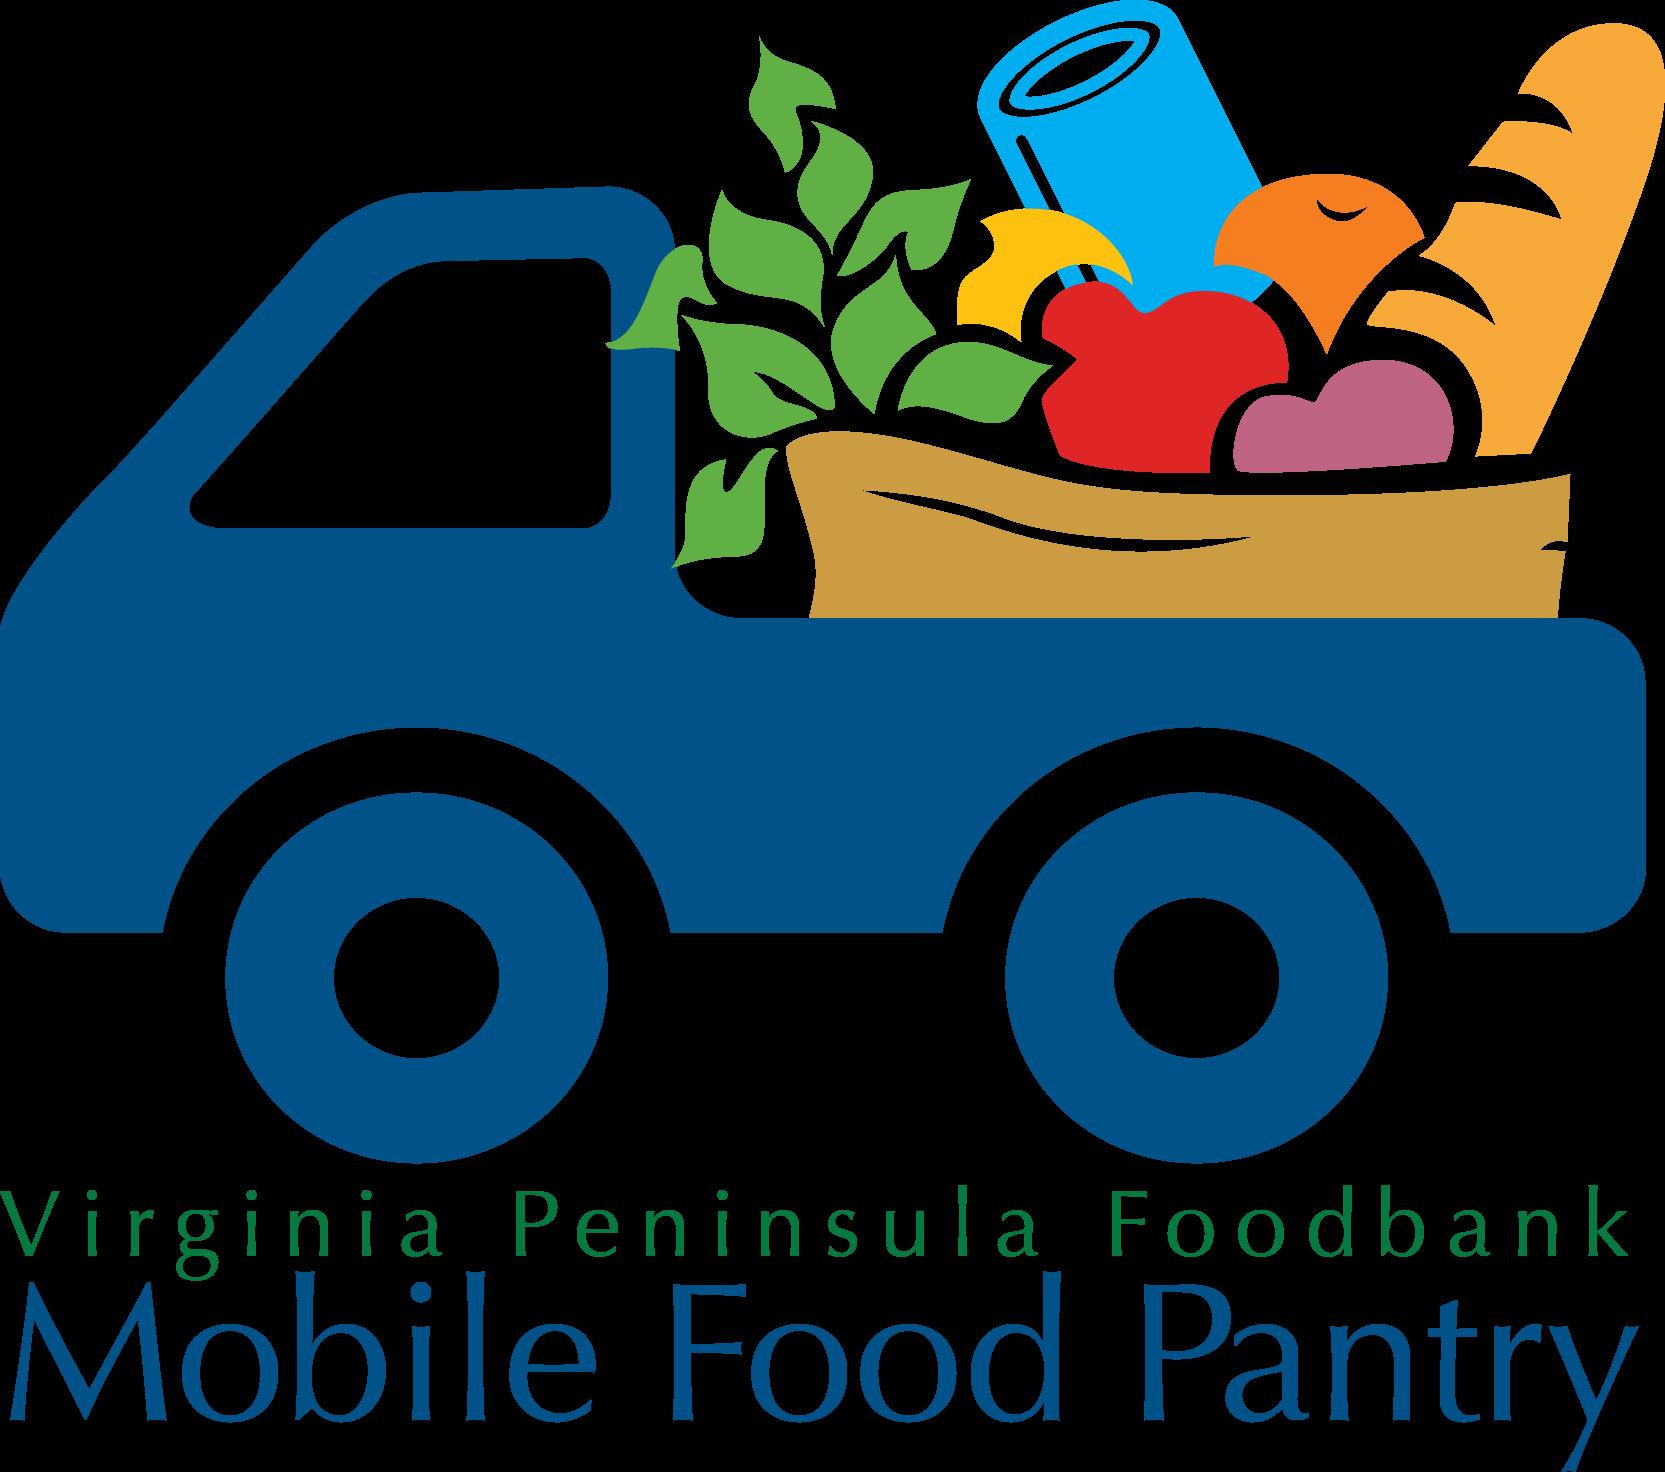 Volunteering clipart food pantry. Bank free download best